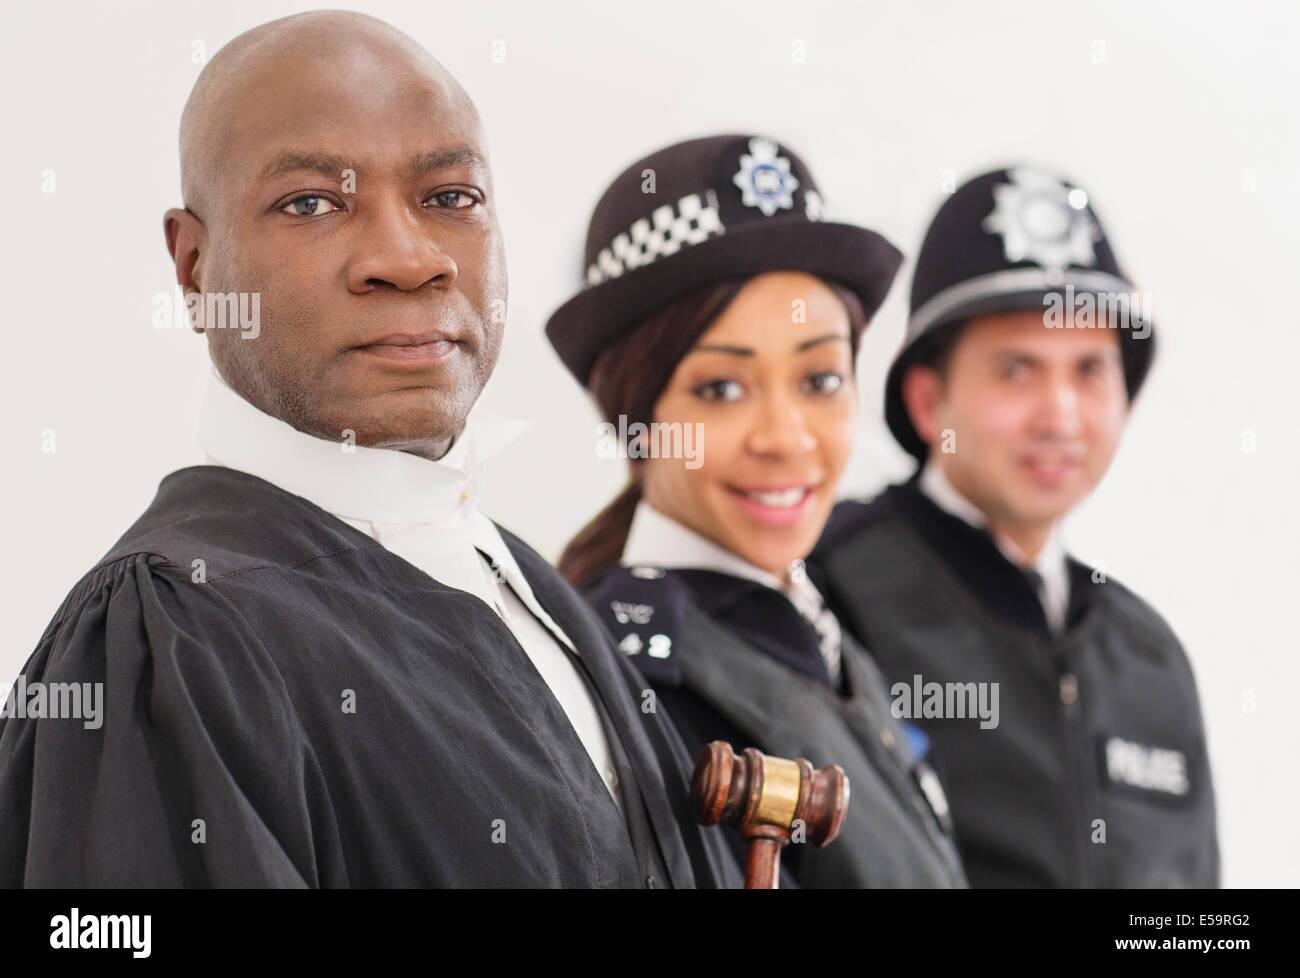 Retrato de seguros de juez y policía Imagen De Stock